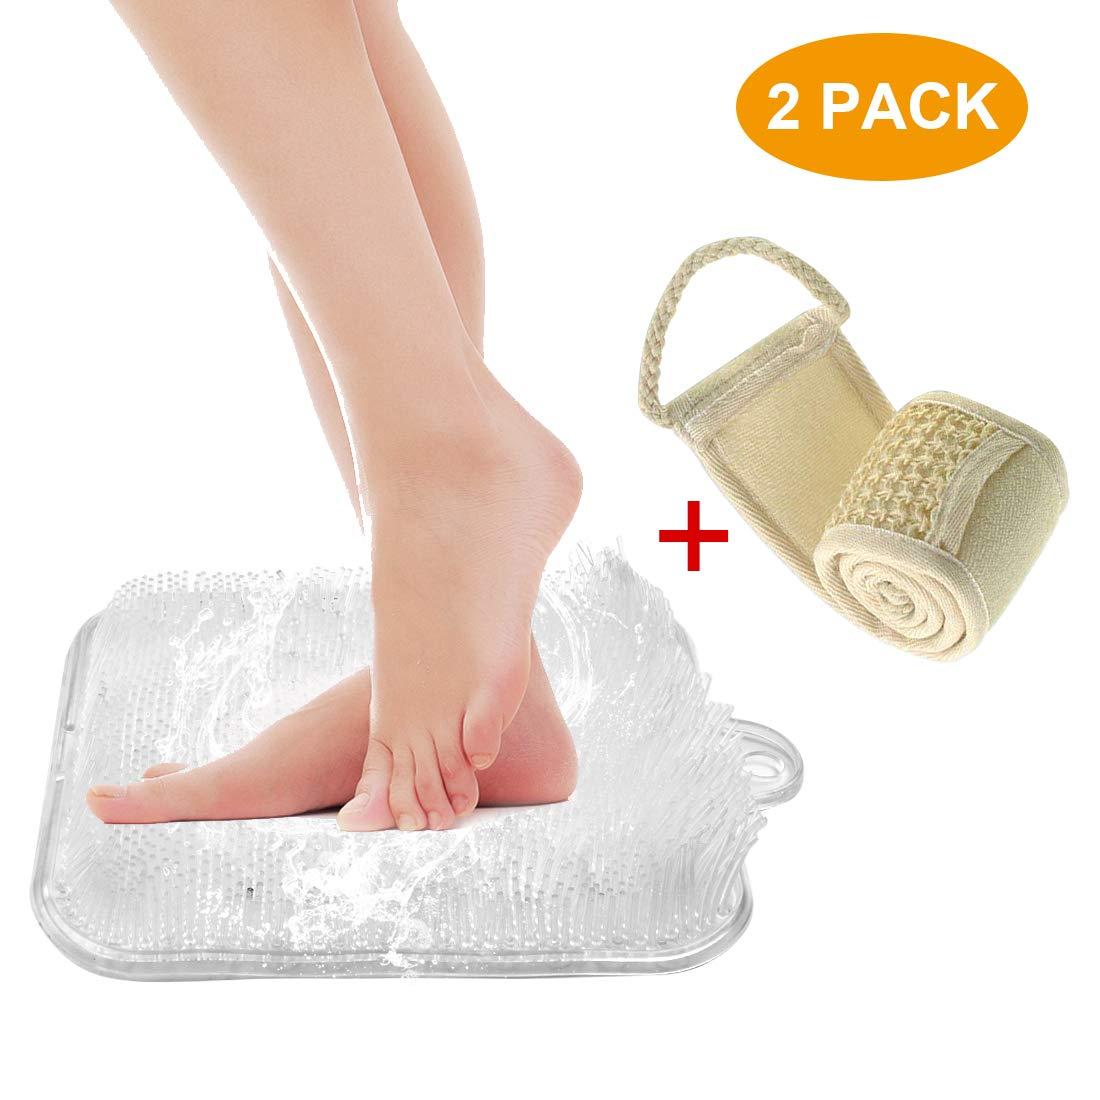 Dusche Fuß Scrubber Massagegerät Reiniger und Akupressurmatte für Dusche Boden mit Saugnapf - Verbessert Fußzirkulation und reduziert Fußschmerzen (kostenlose Geschenk zurück Scrubber) Kesi